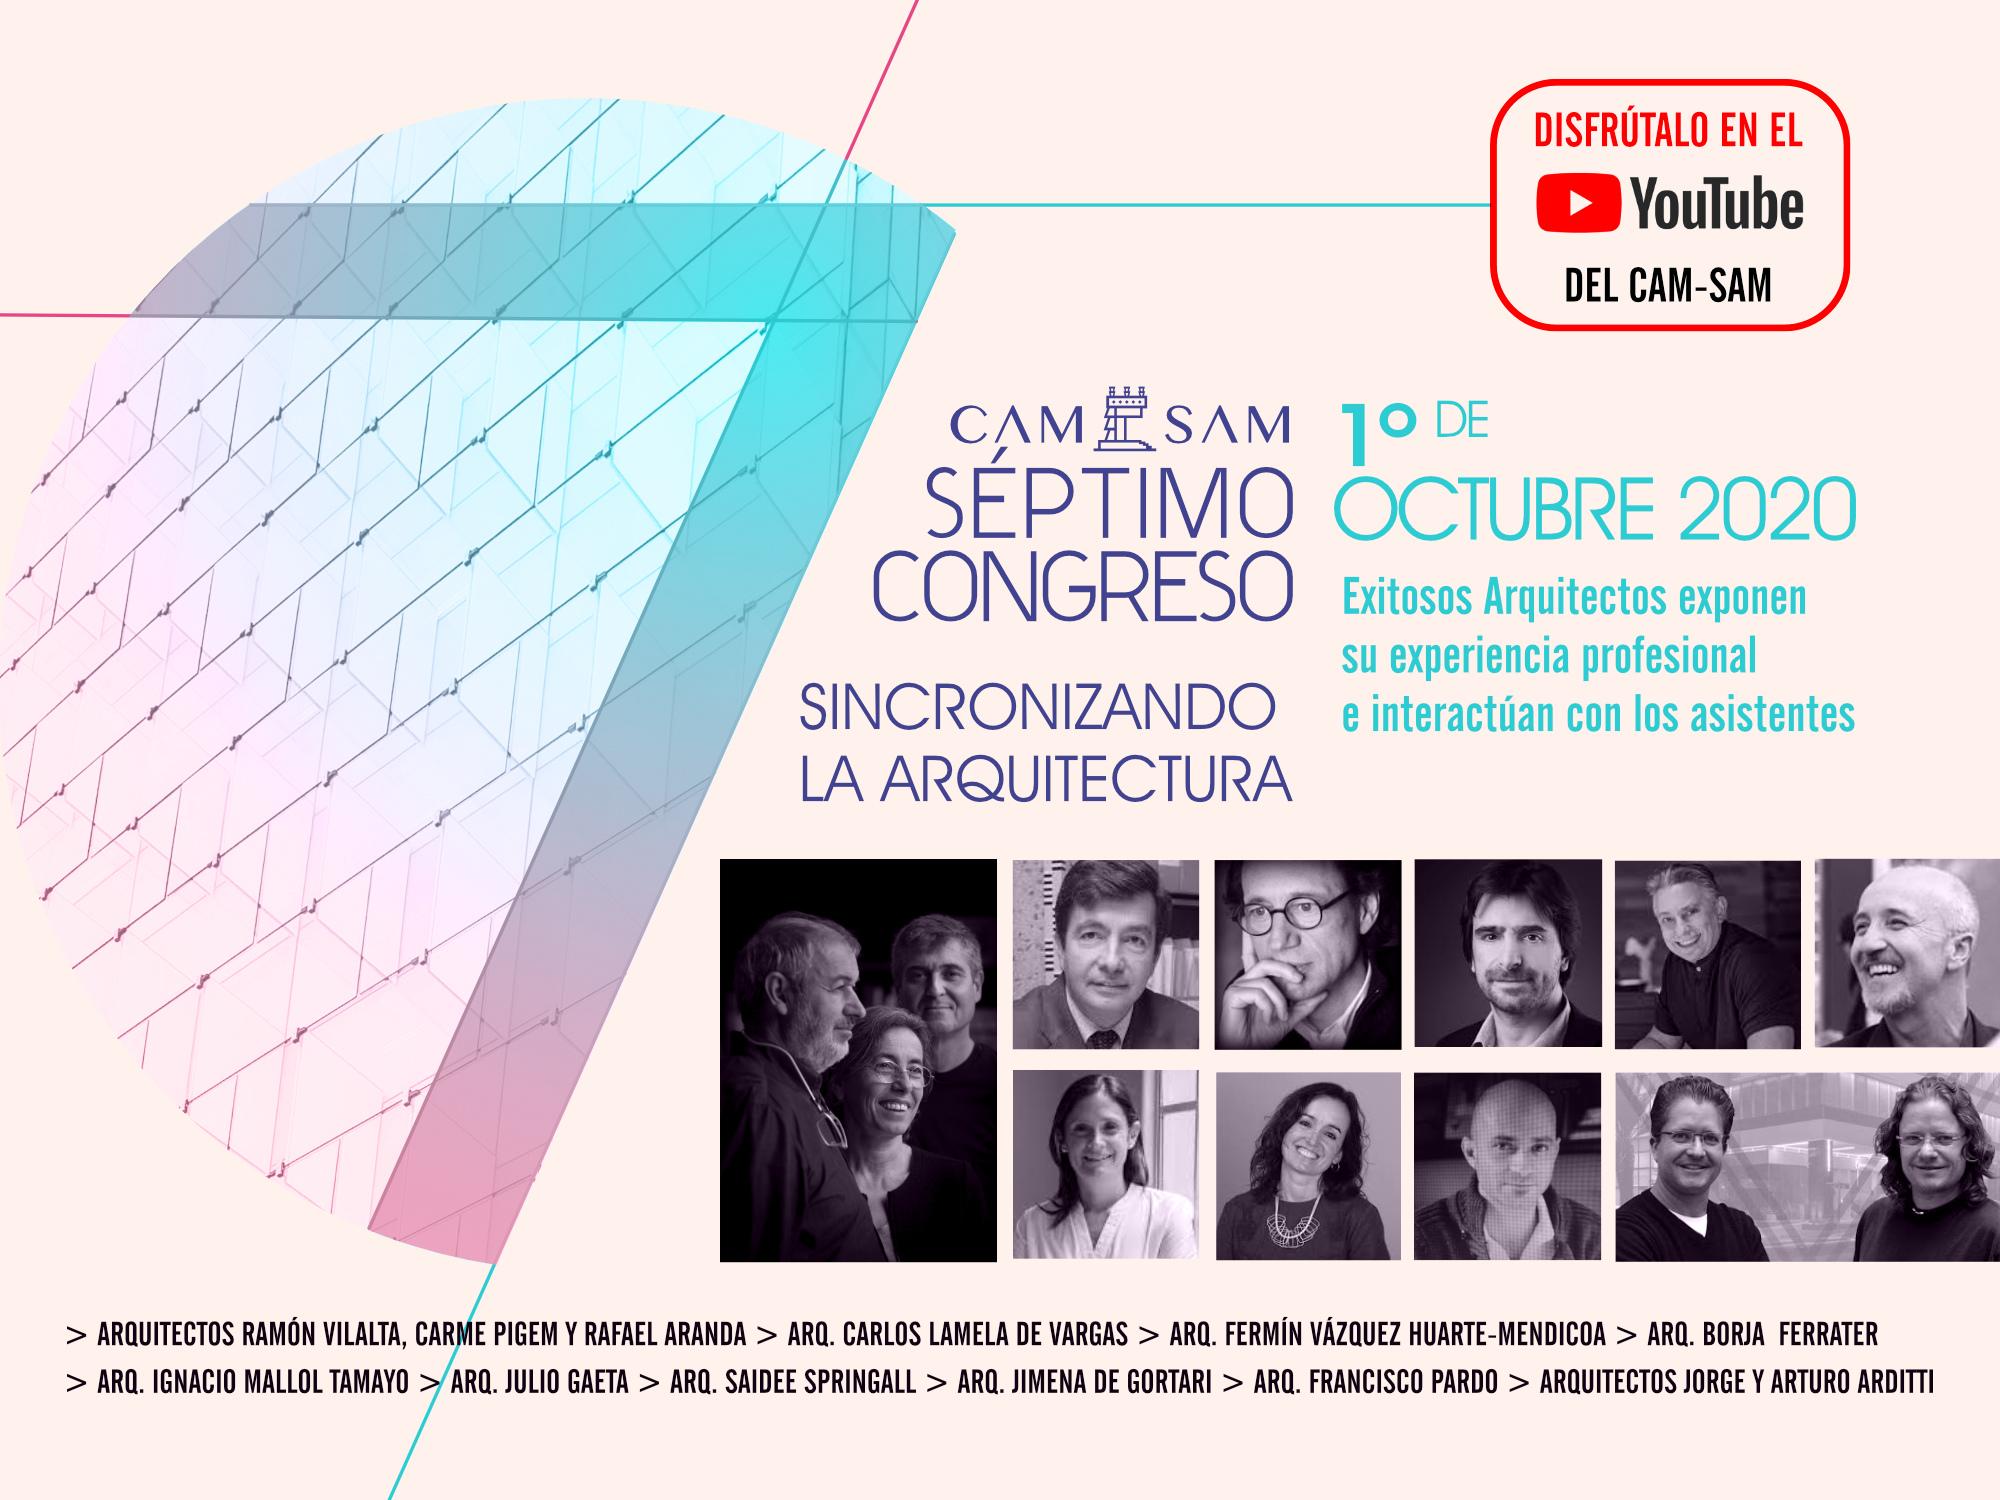 7 congreso camsam_youtube